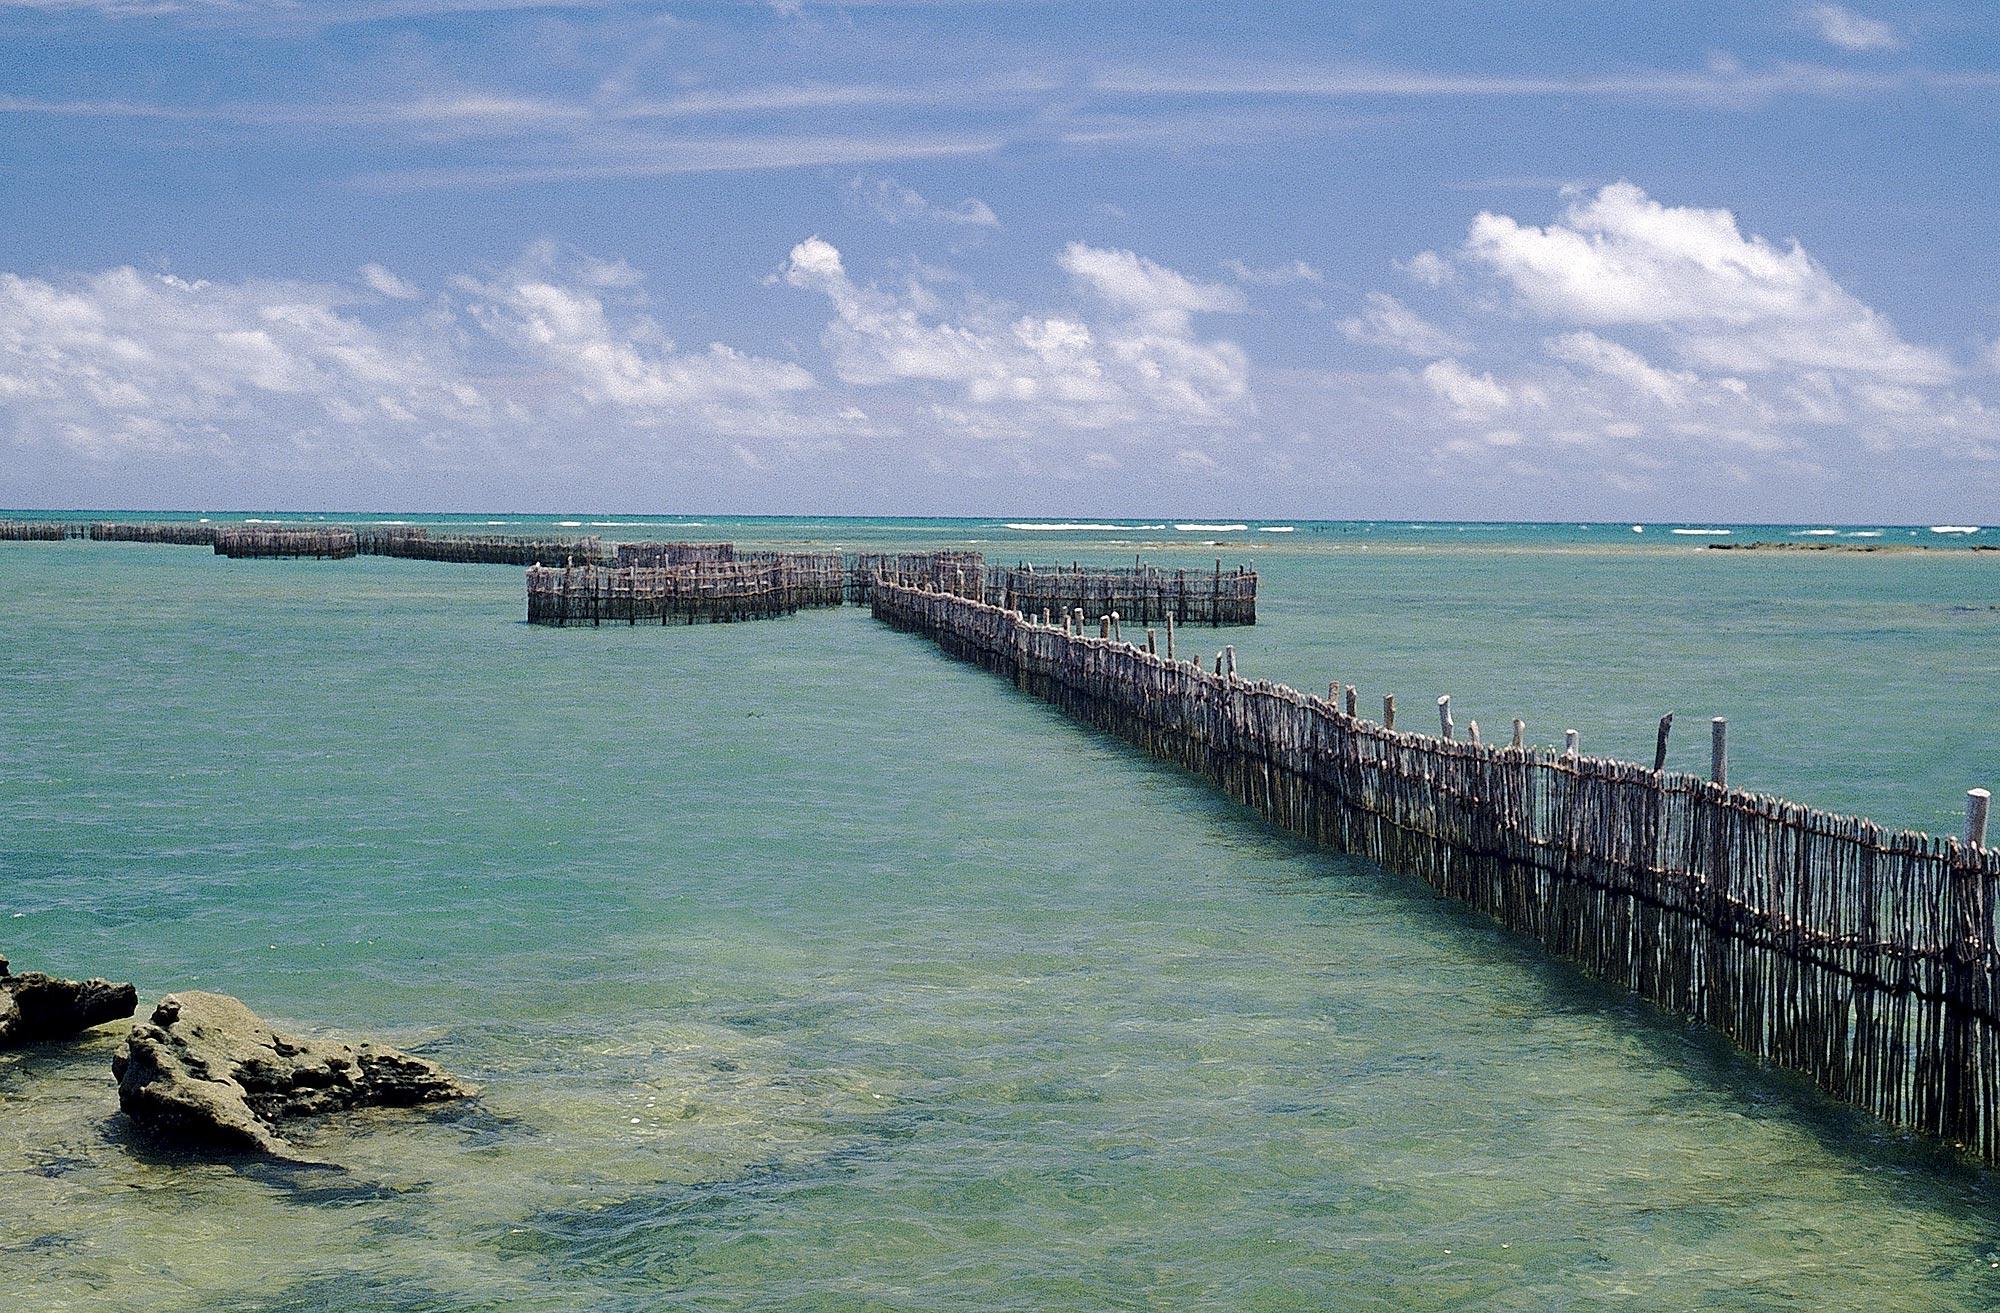 Praia do Morro, Alagoas